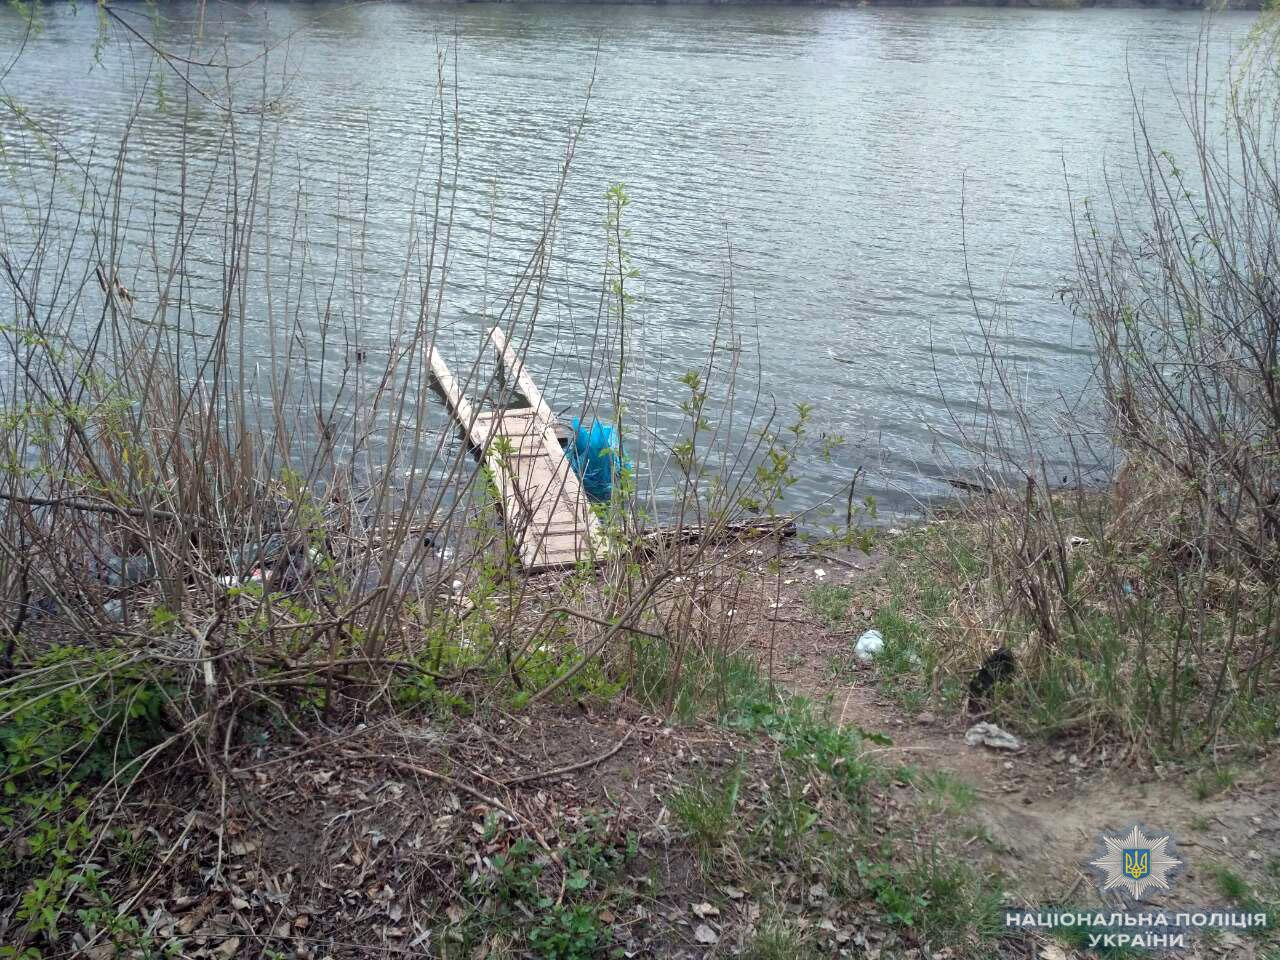 Без Купюр Поліцейські Кіровоградщини розкрили вбивство 46-річного чоловіка, знайденого в пакеті з відрізаною ногою Кримінал  Кіровоградщина вбивство